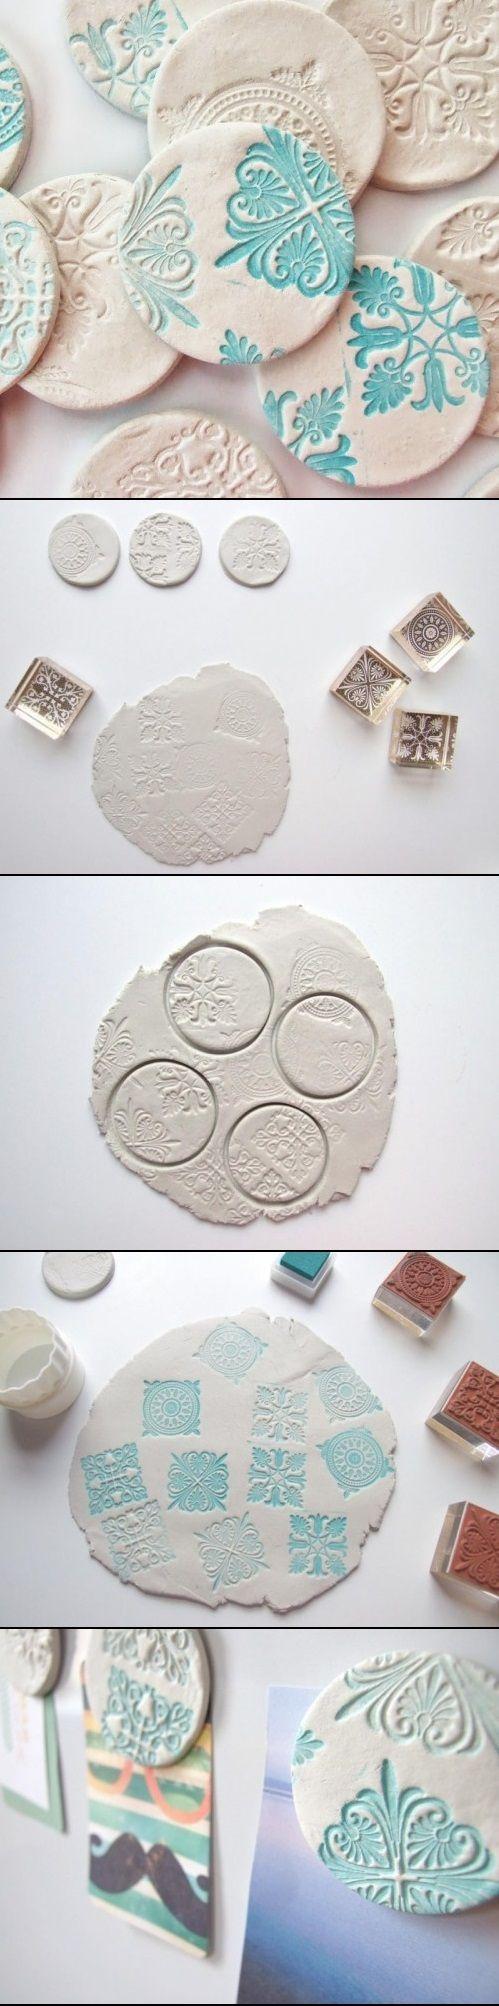 DIY clay magnets - super Idee für Knöpfe